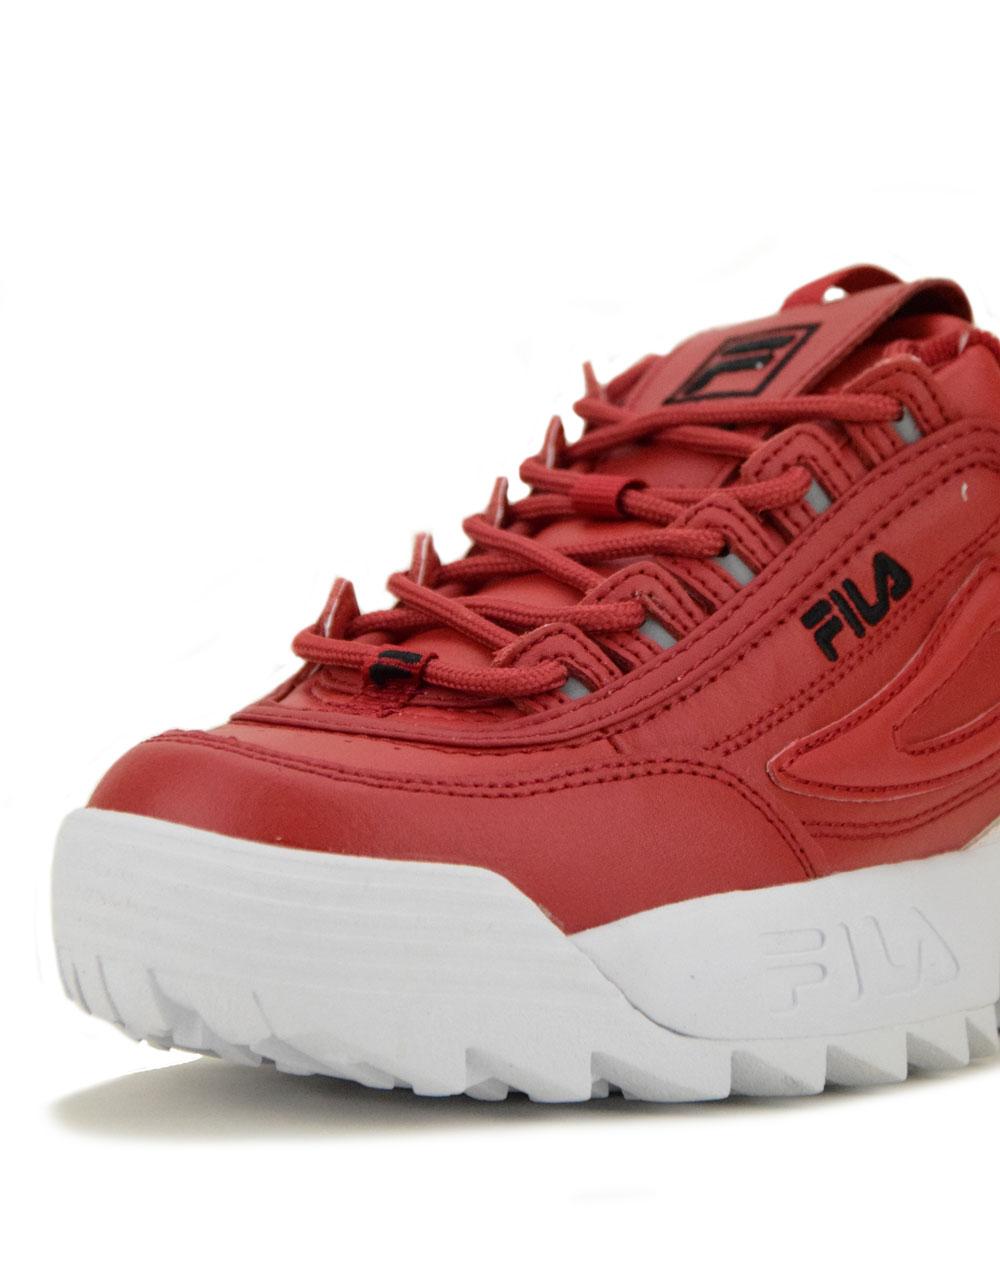 4bd094c6b01 Fila Disruptor II Premium Red (5FM00540-602) | Eleven